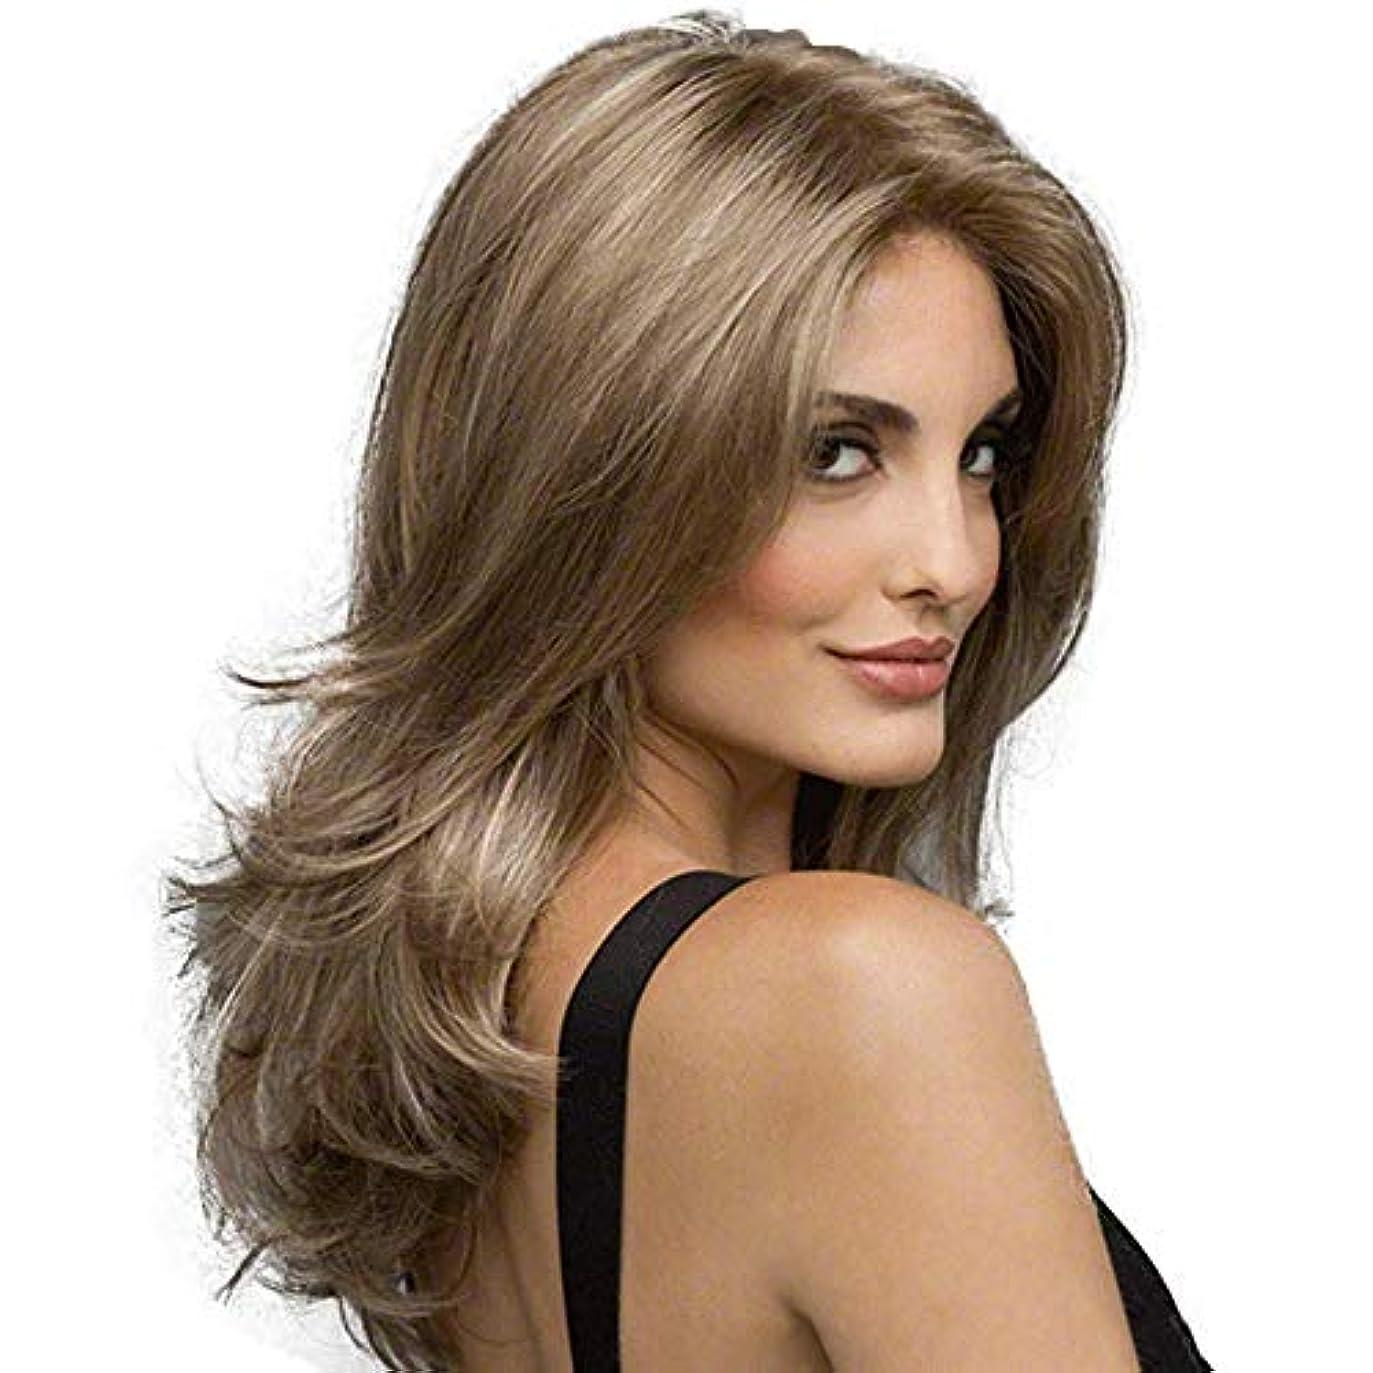 間違い信念章女性の長い巻き毛の波状の髪のかつら22インチ魅力的な自然な人間の髪のかつら熱にやさしい人工毛交換かつらハロウィンコスプレ衣装アニメパーティーかつら (Color : Linen brown)